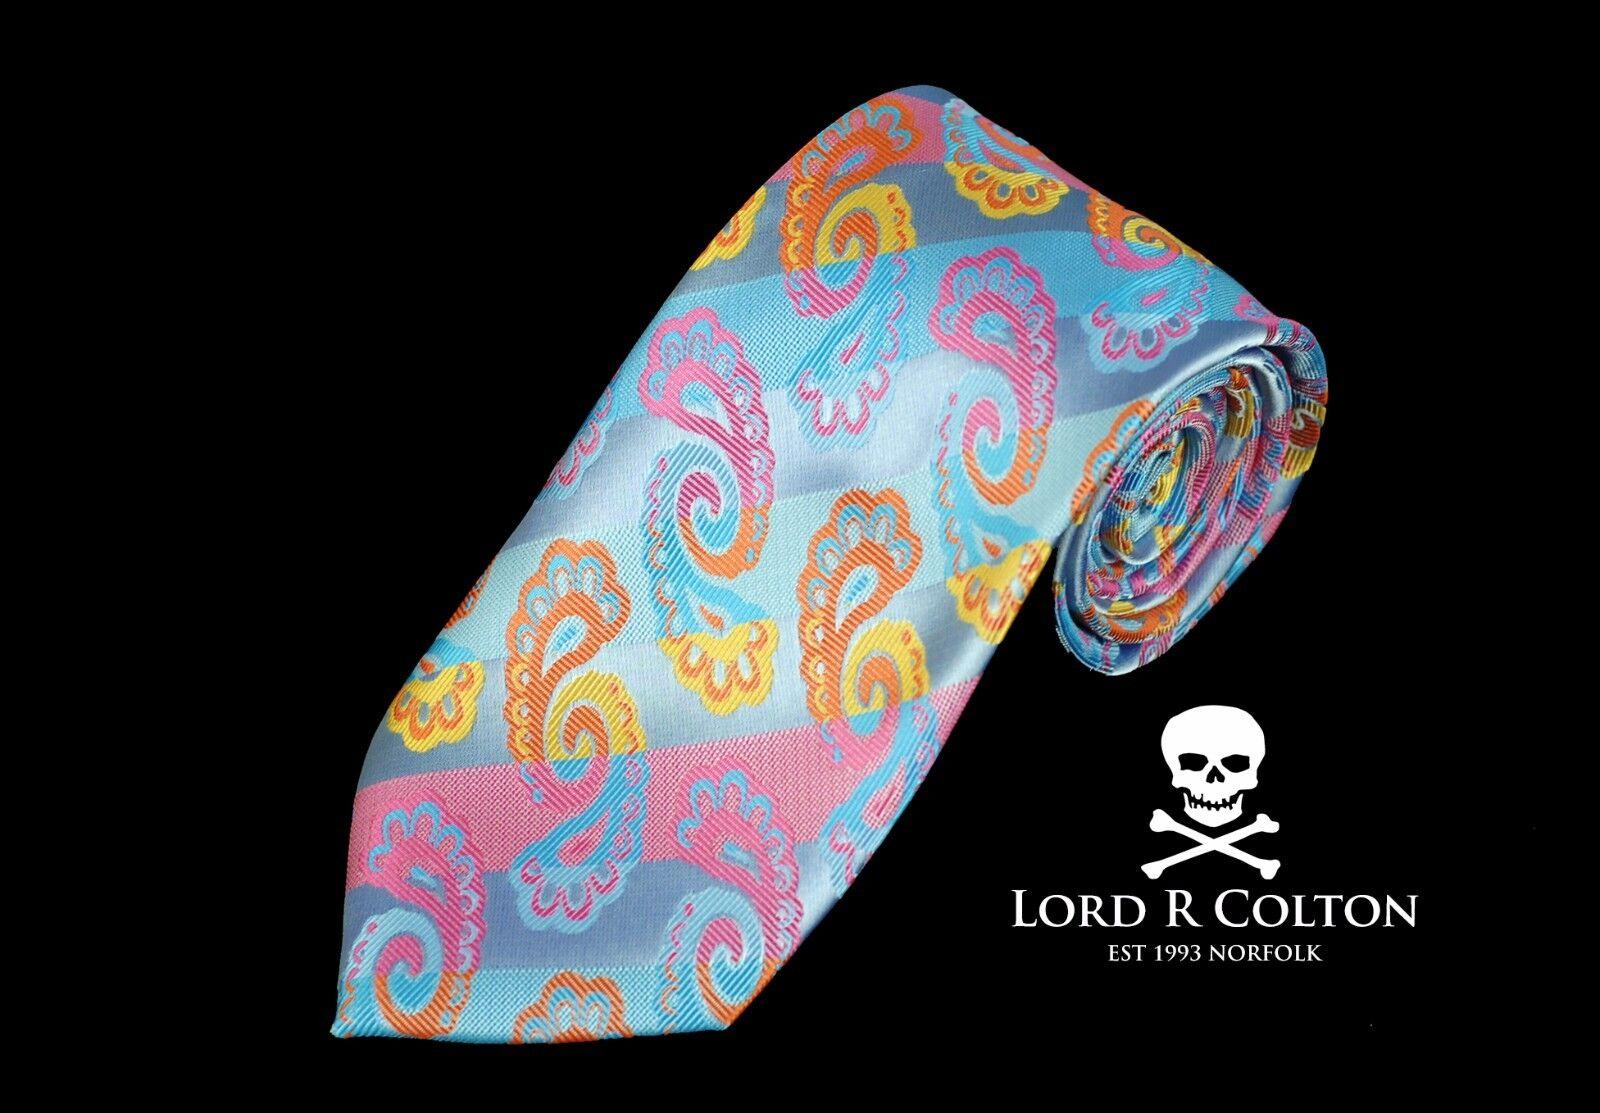 Lord R Colton Colton Colton Masterworks Krawatte - Miami Sky & Korallenrot Seidenkrawatte - | Zürich Online Shop  f6738c